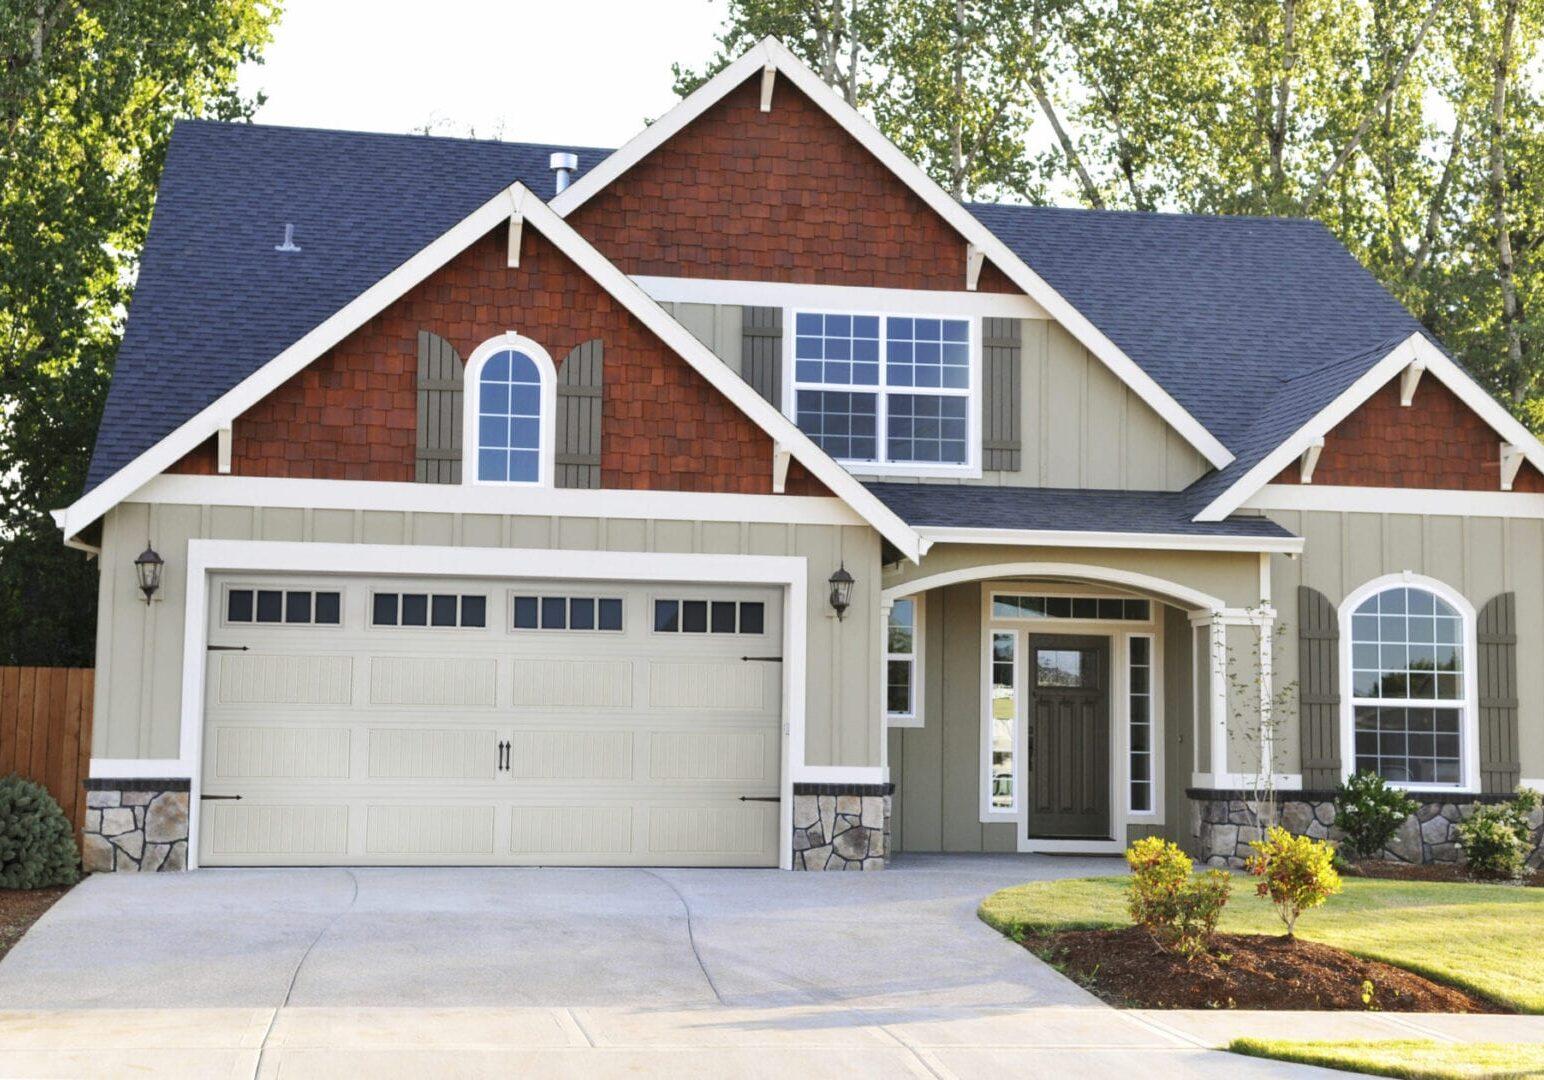 440_garage-door-House About Us #1